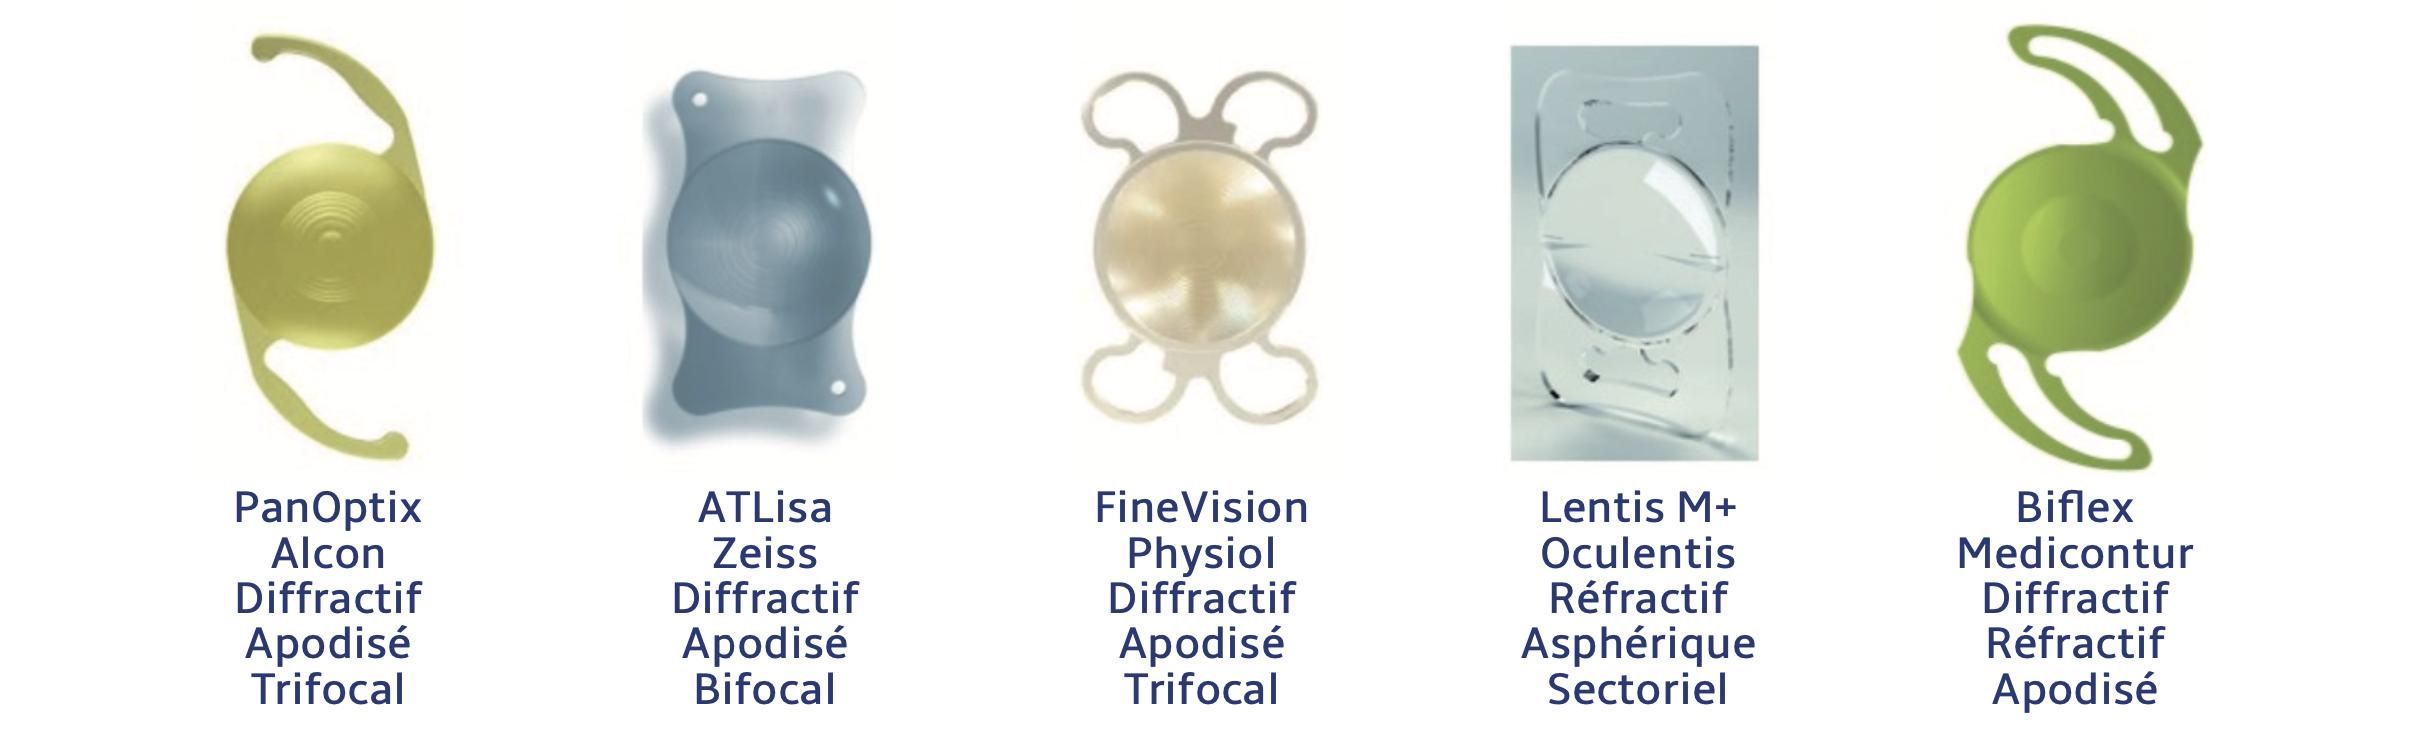 Chirurgie de la cataracte : Quel implant choisir ?